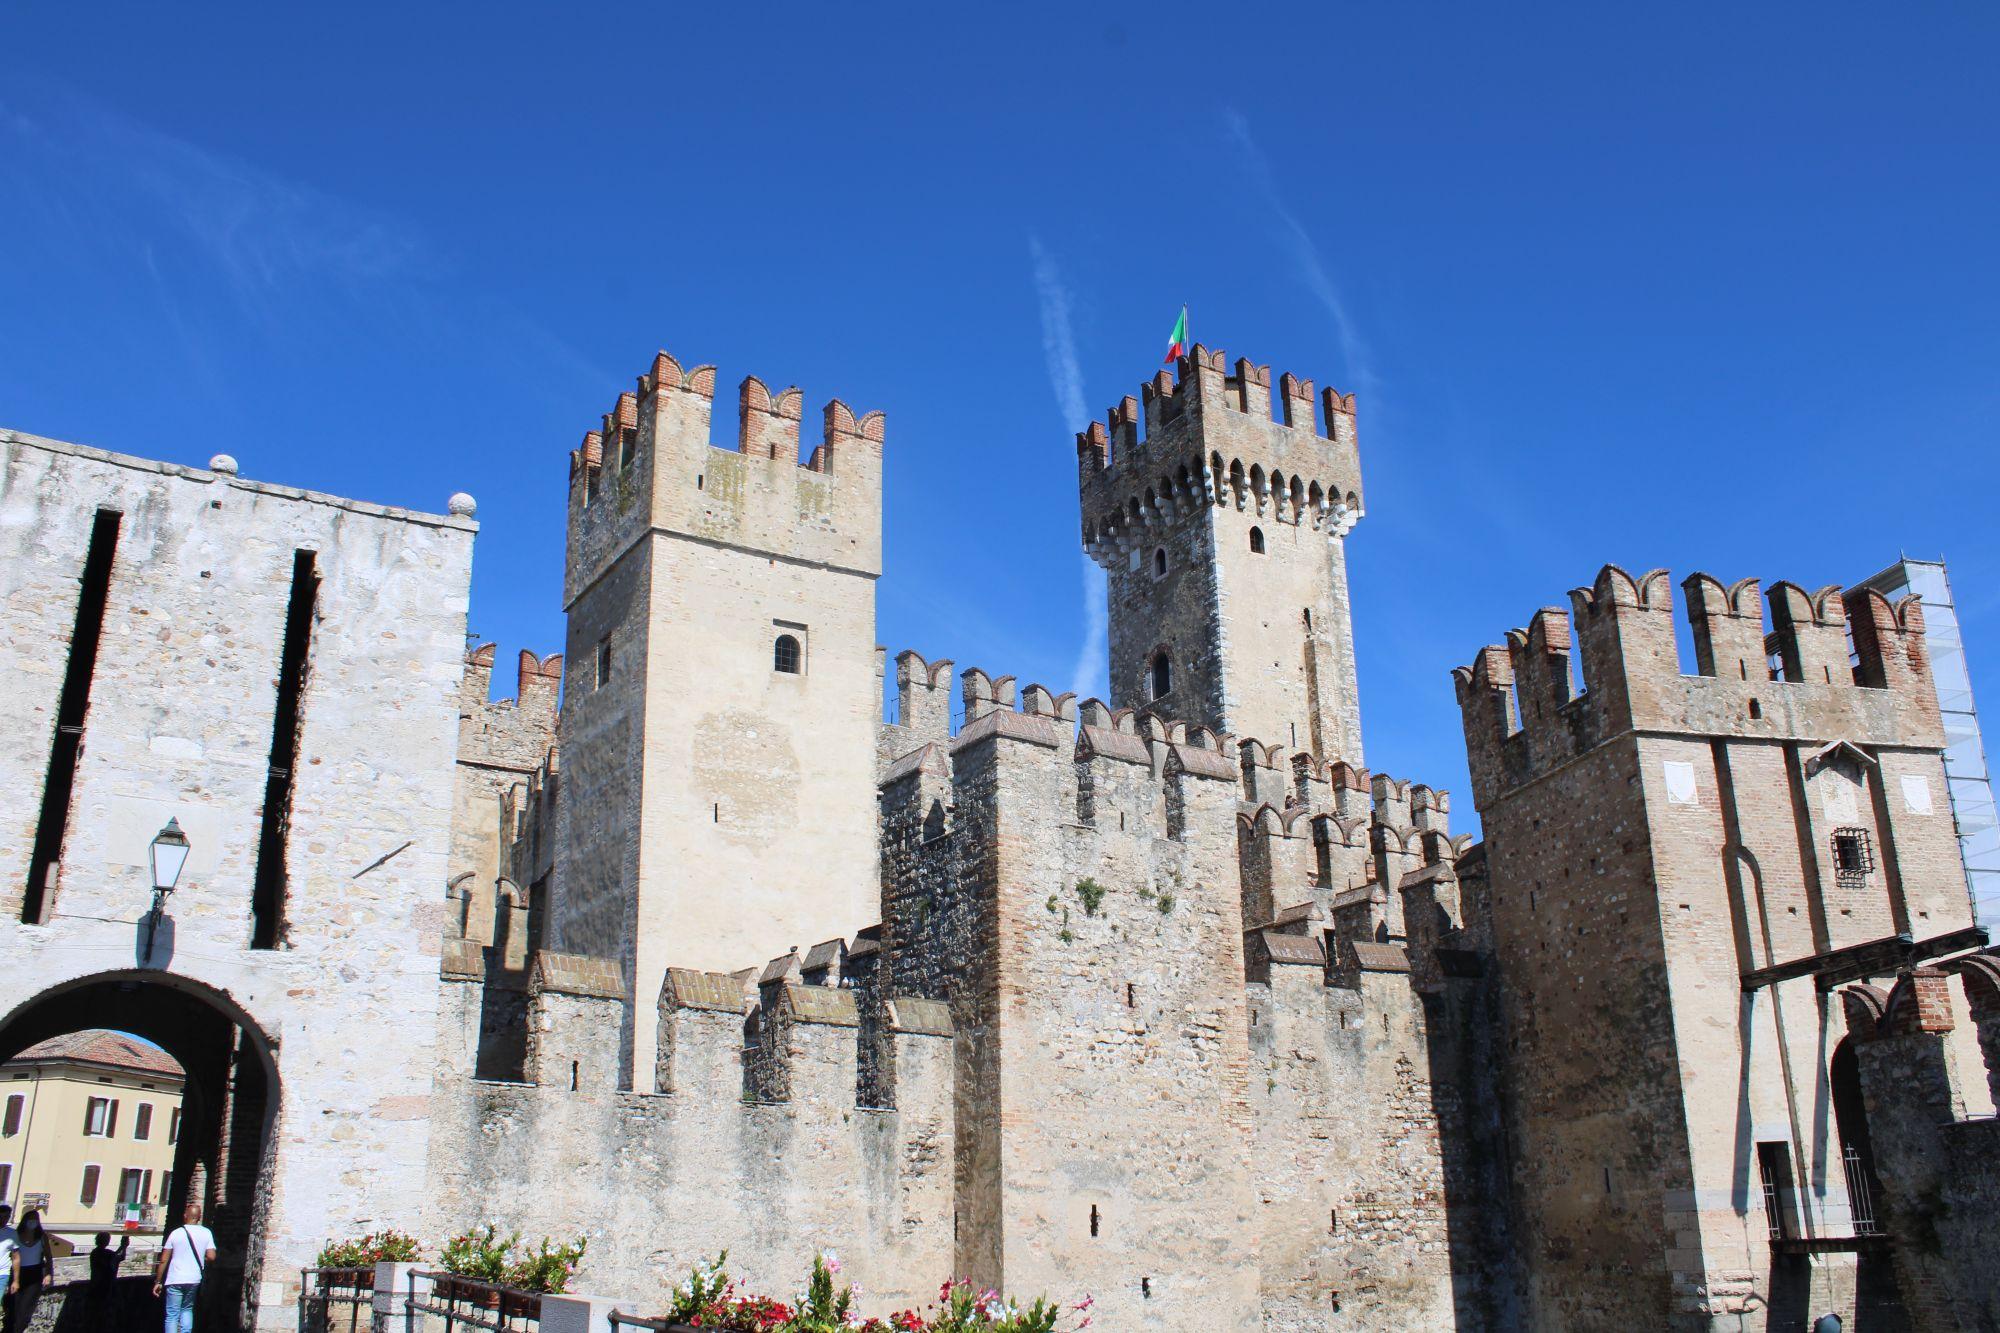 castello4-1632902659.JPG